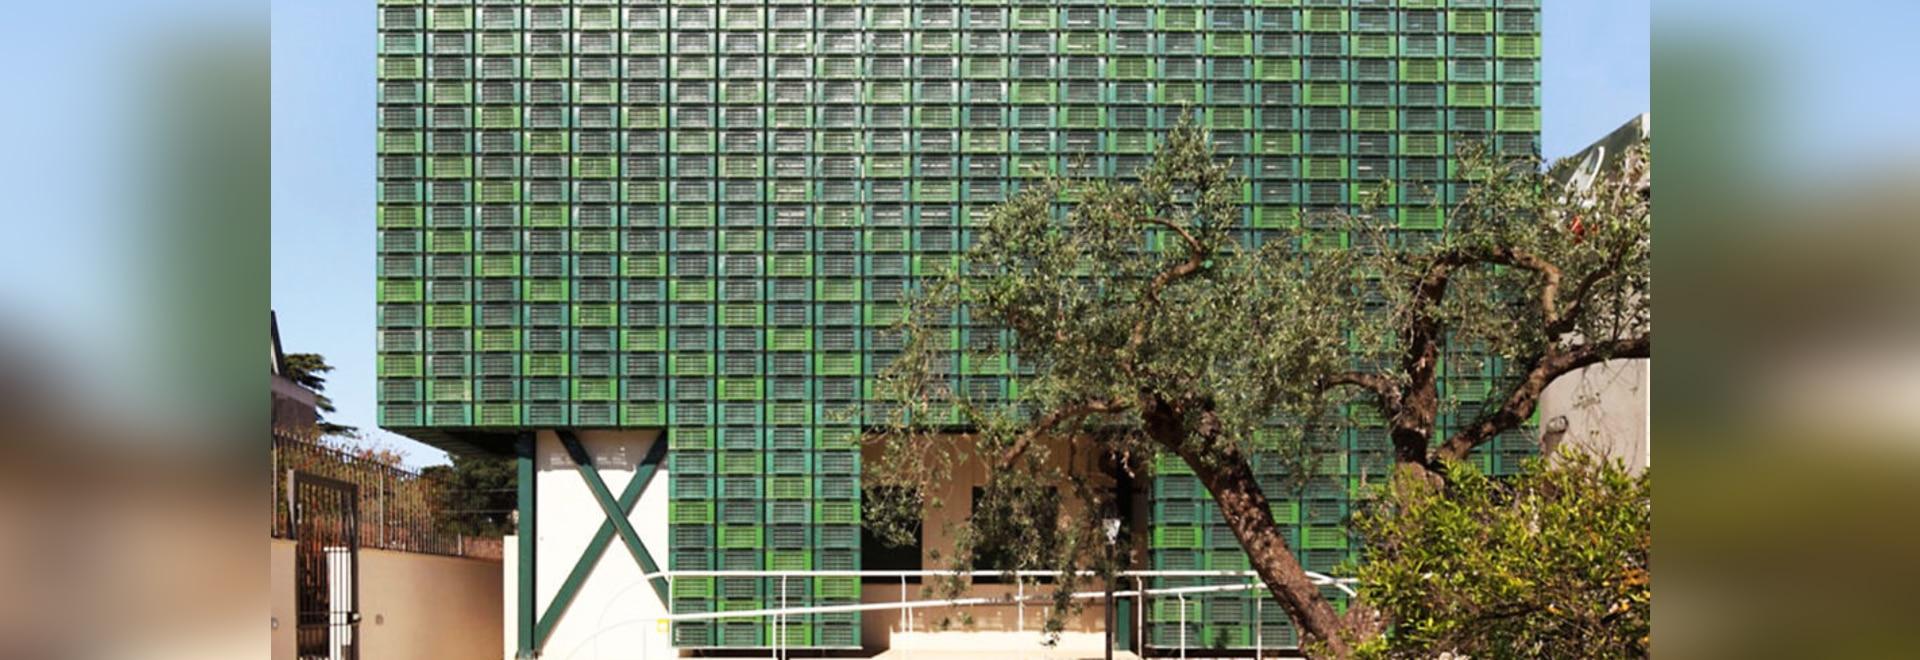 Los centenares de cajones anaranjados repurposed componen la fachada destacada en Italia